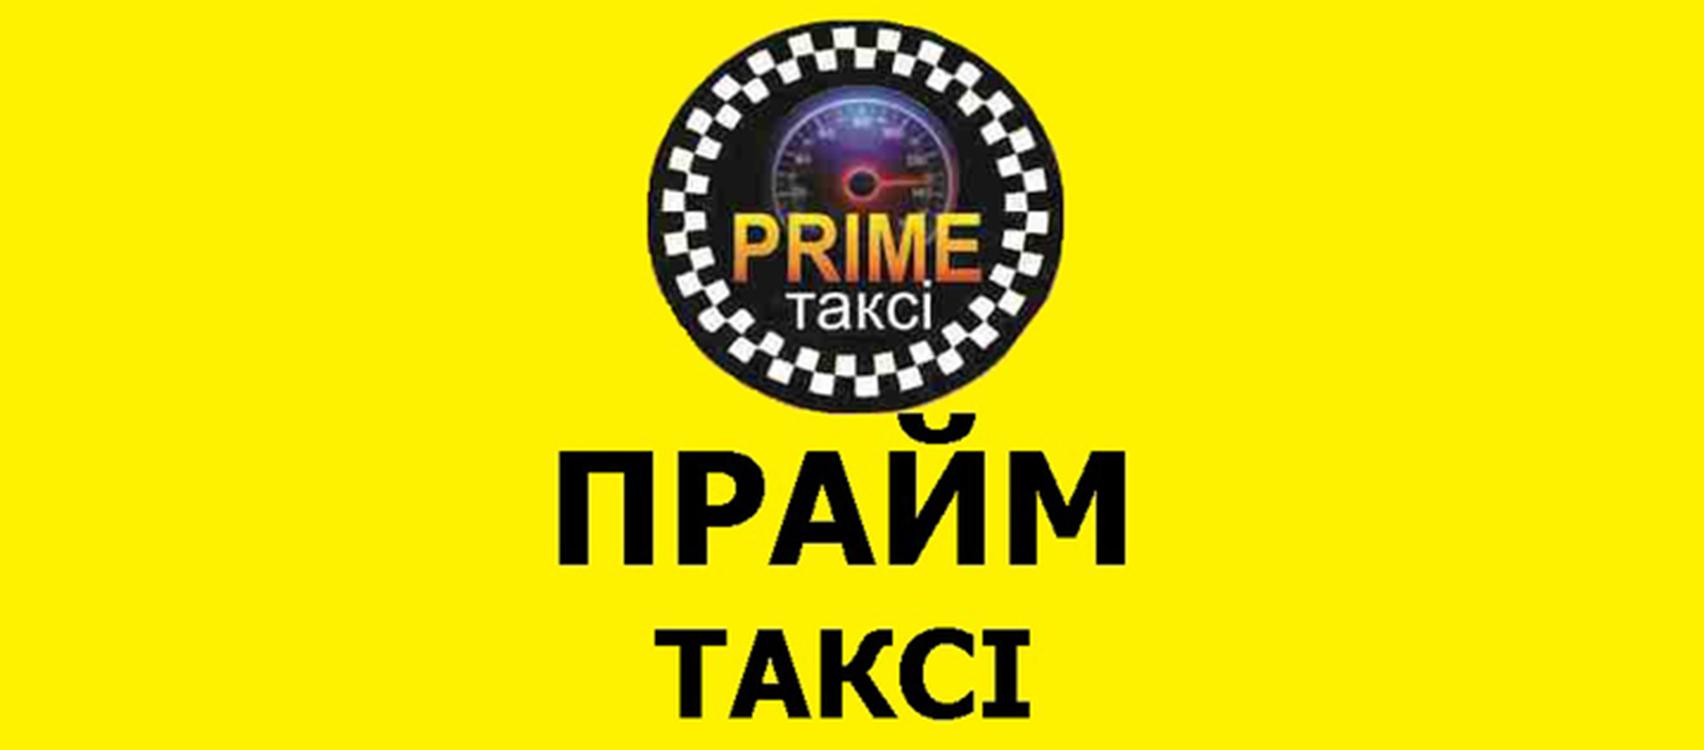 Таксі Prime  (Черкаси)